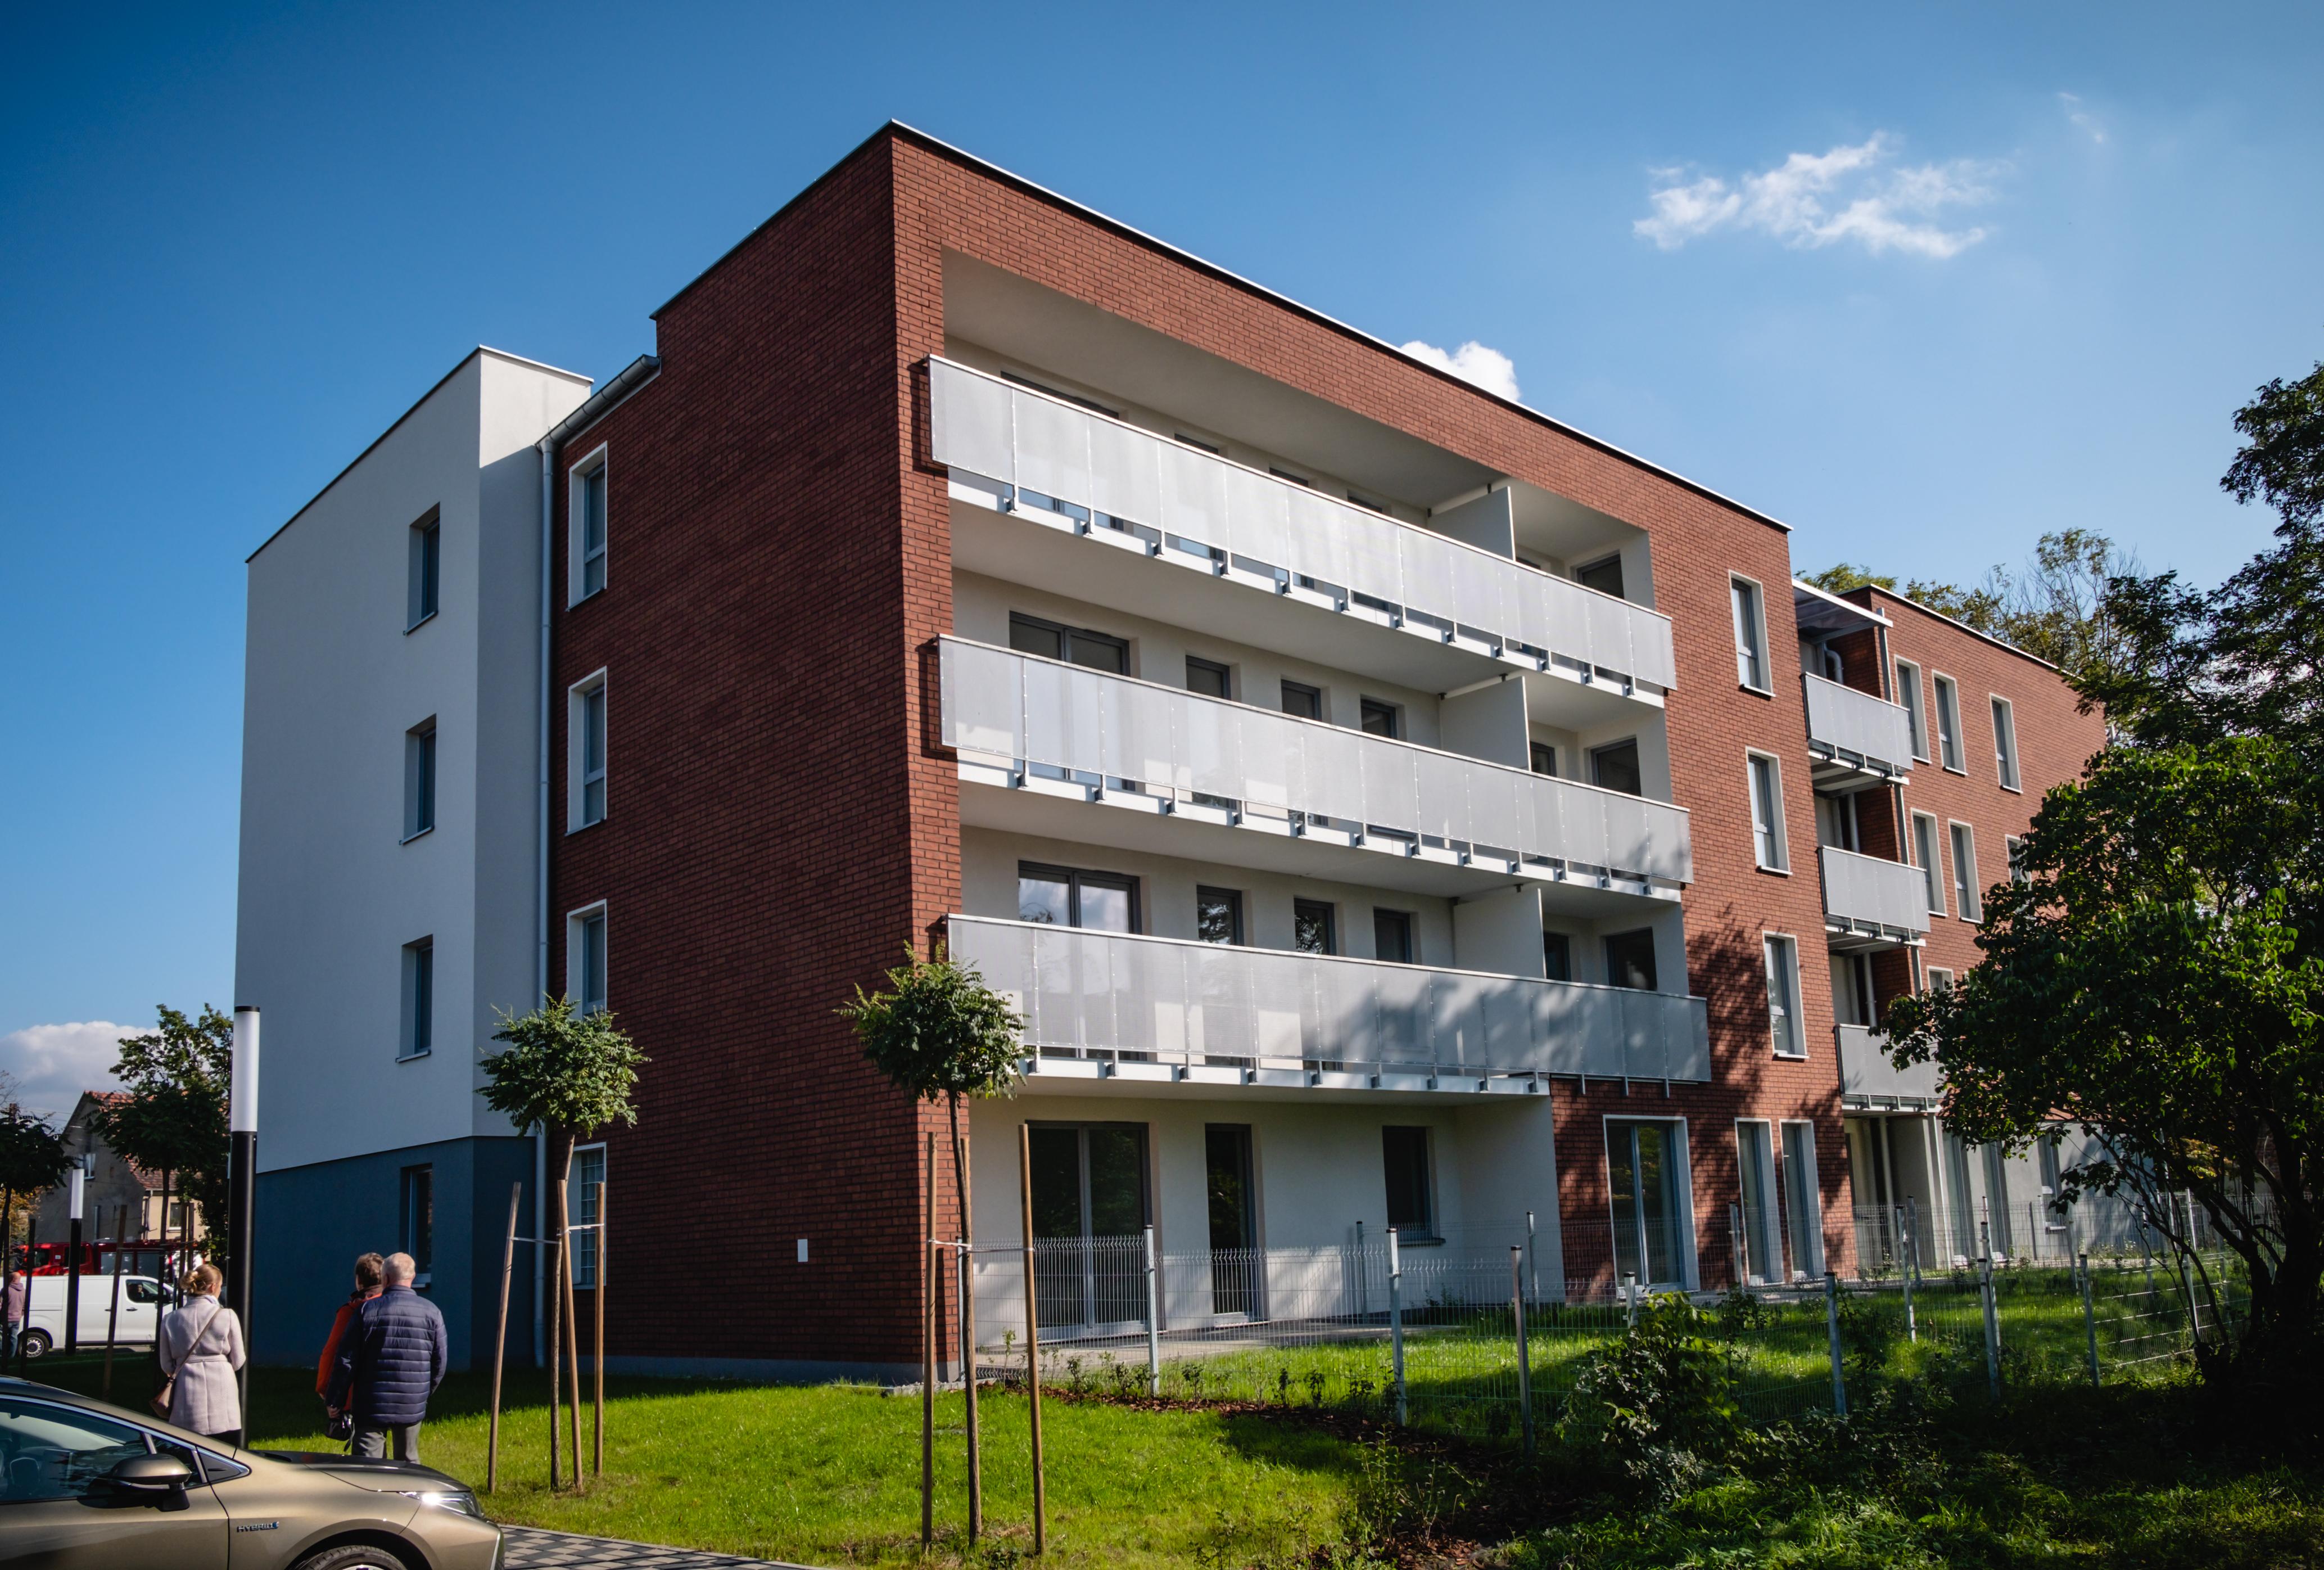 budynek miejski przy Anny Jagiellonki